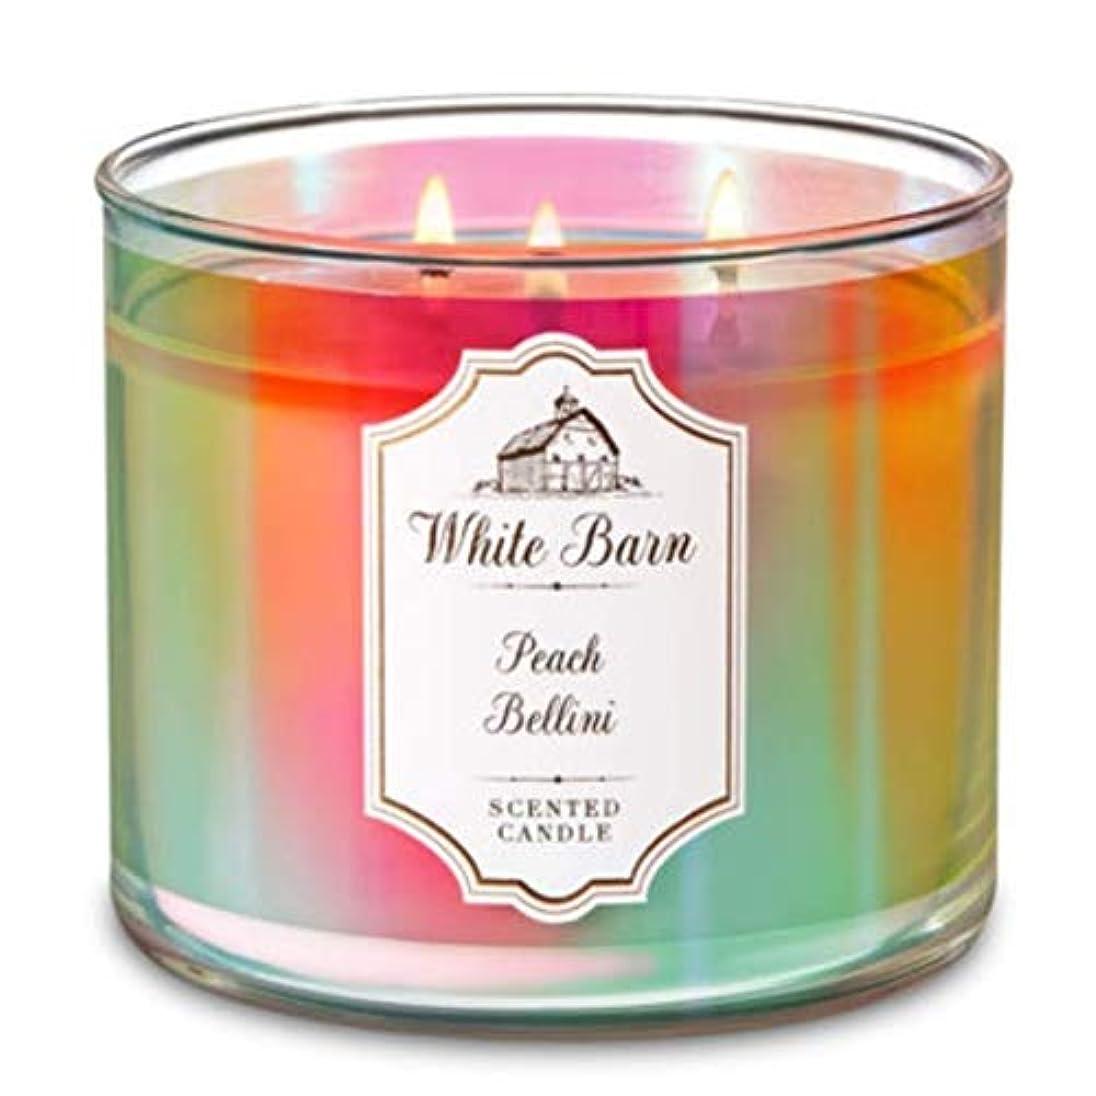 ディレクター切るプーノBath and Body Worksホワイトバーン3 Wick Scented Candle Peach Bellini 14.5オンス